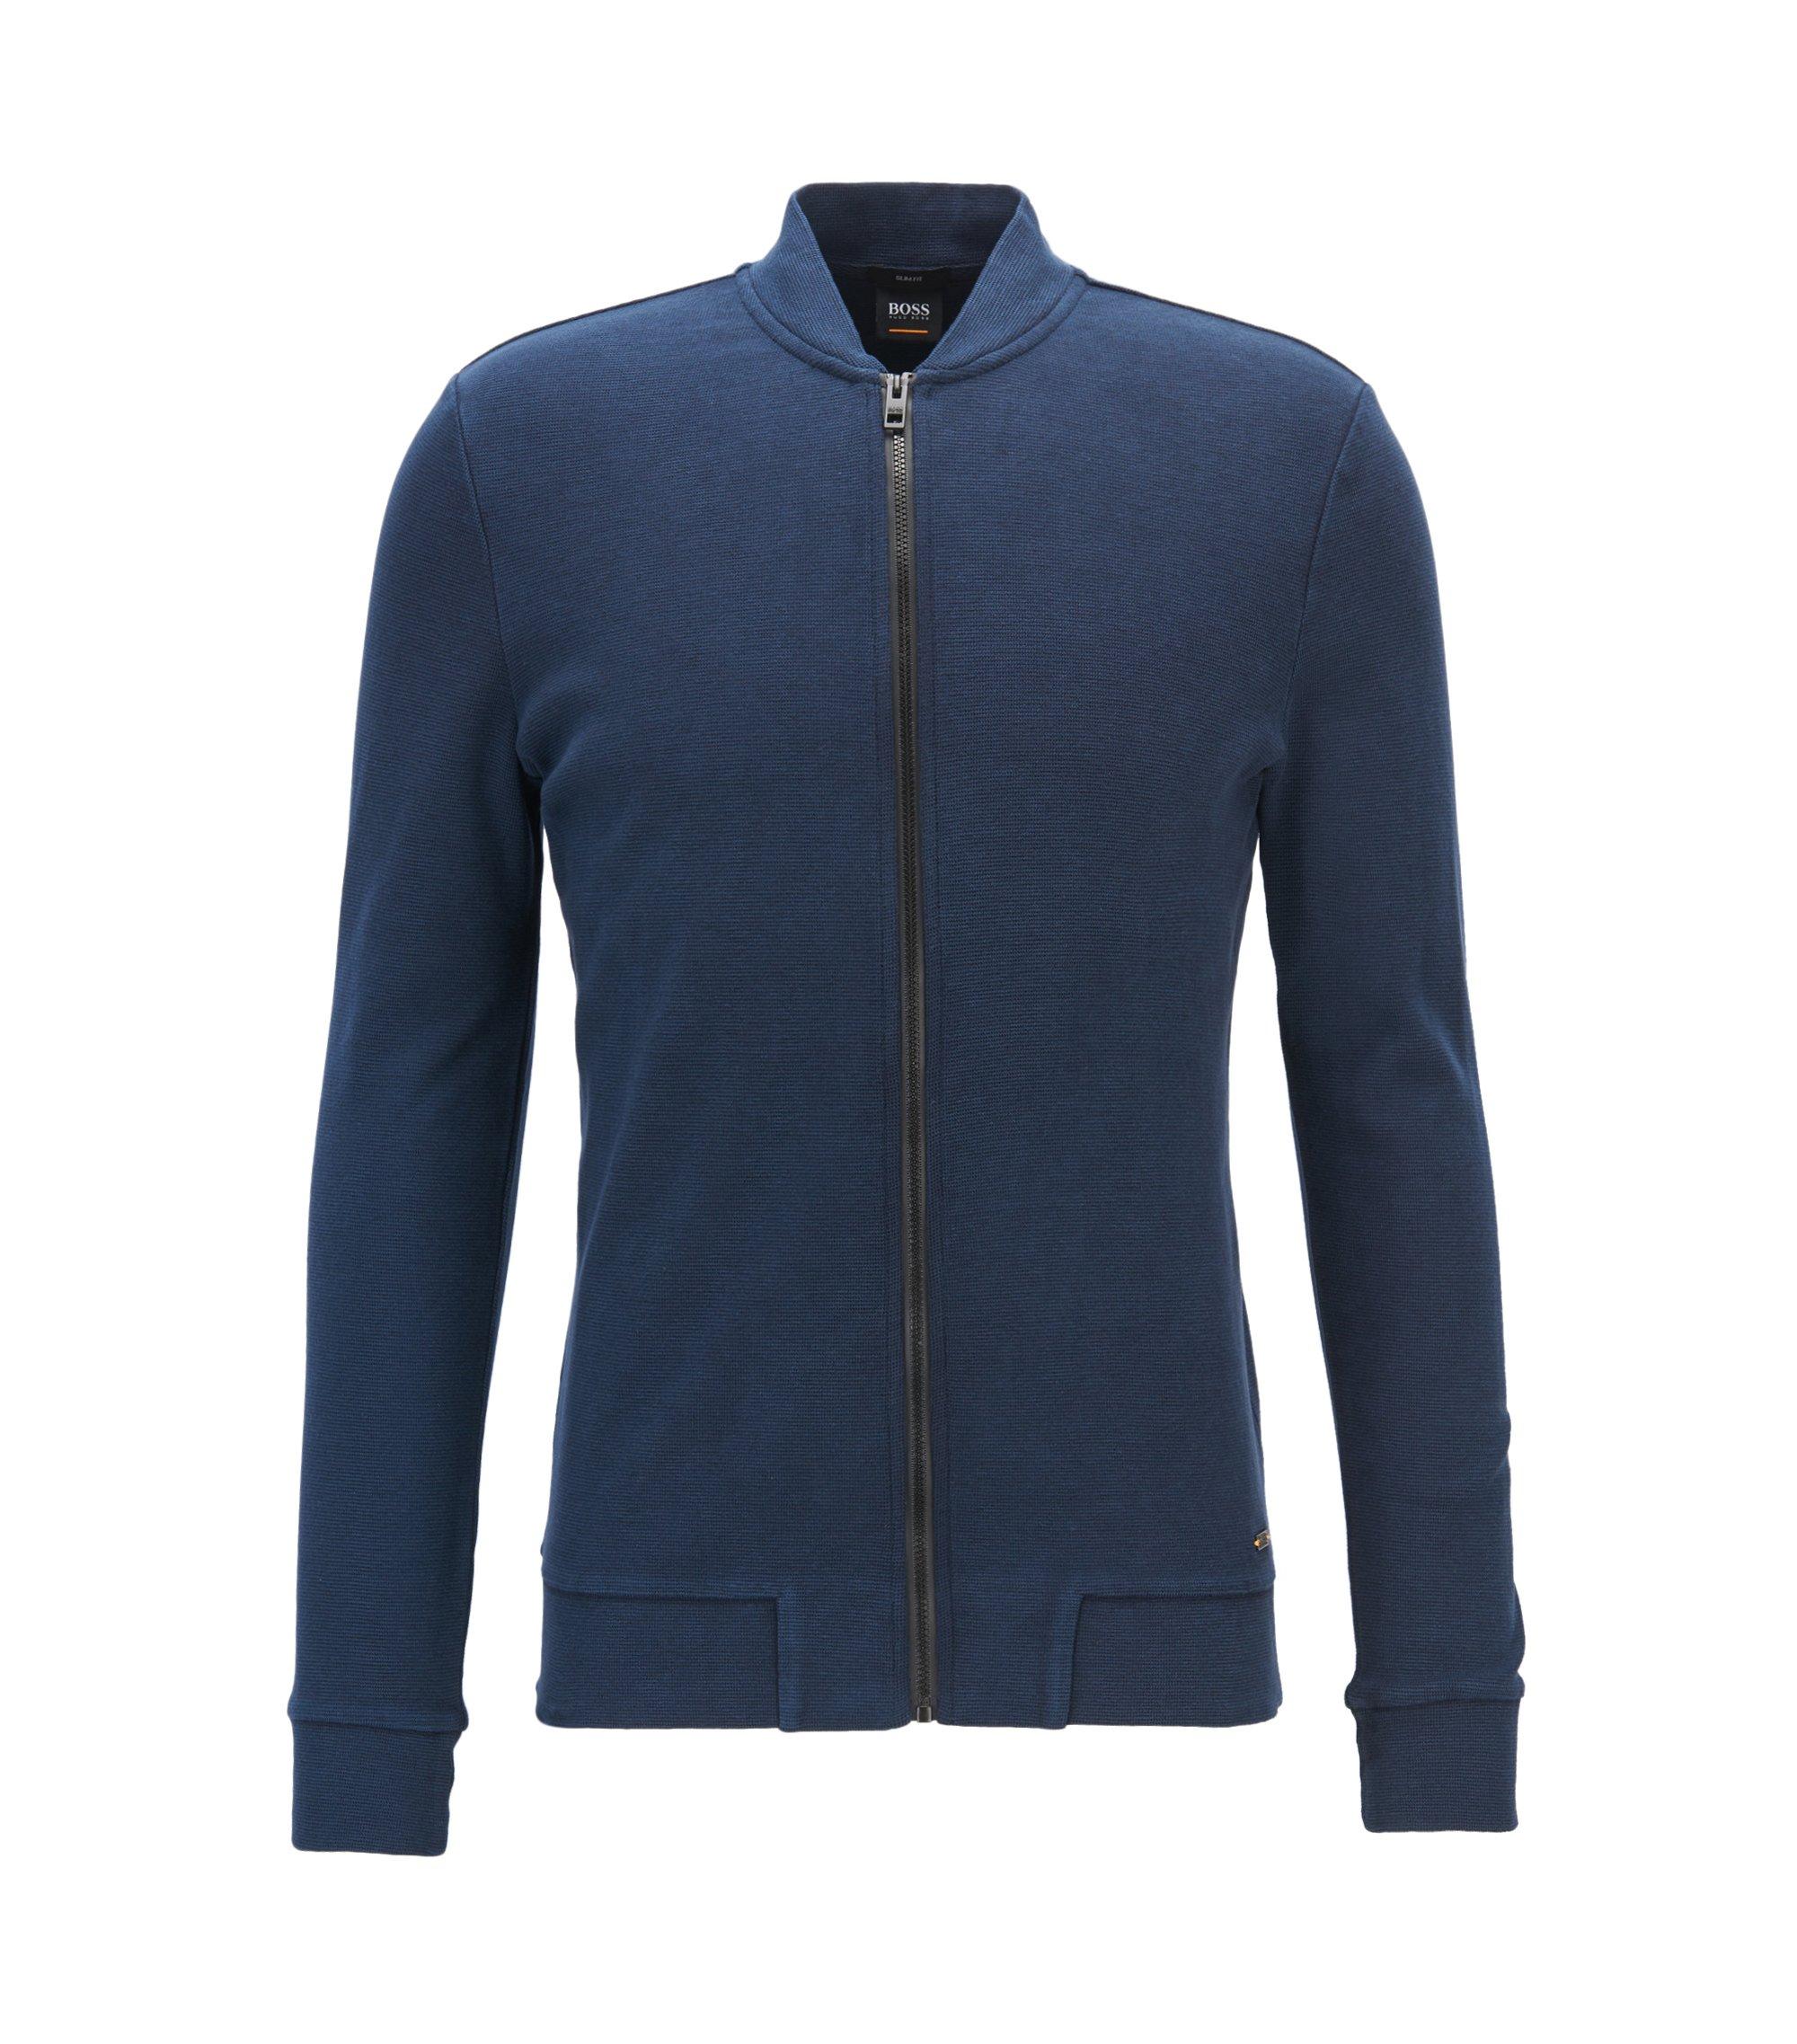 Chaqueta slim fit en algodón elástico con cremallera integral, Azul oscuro